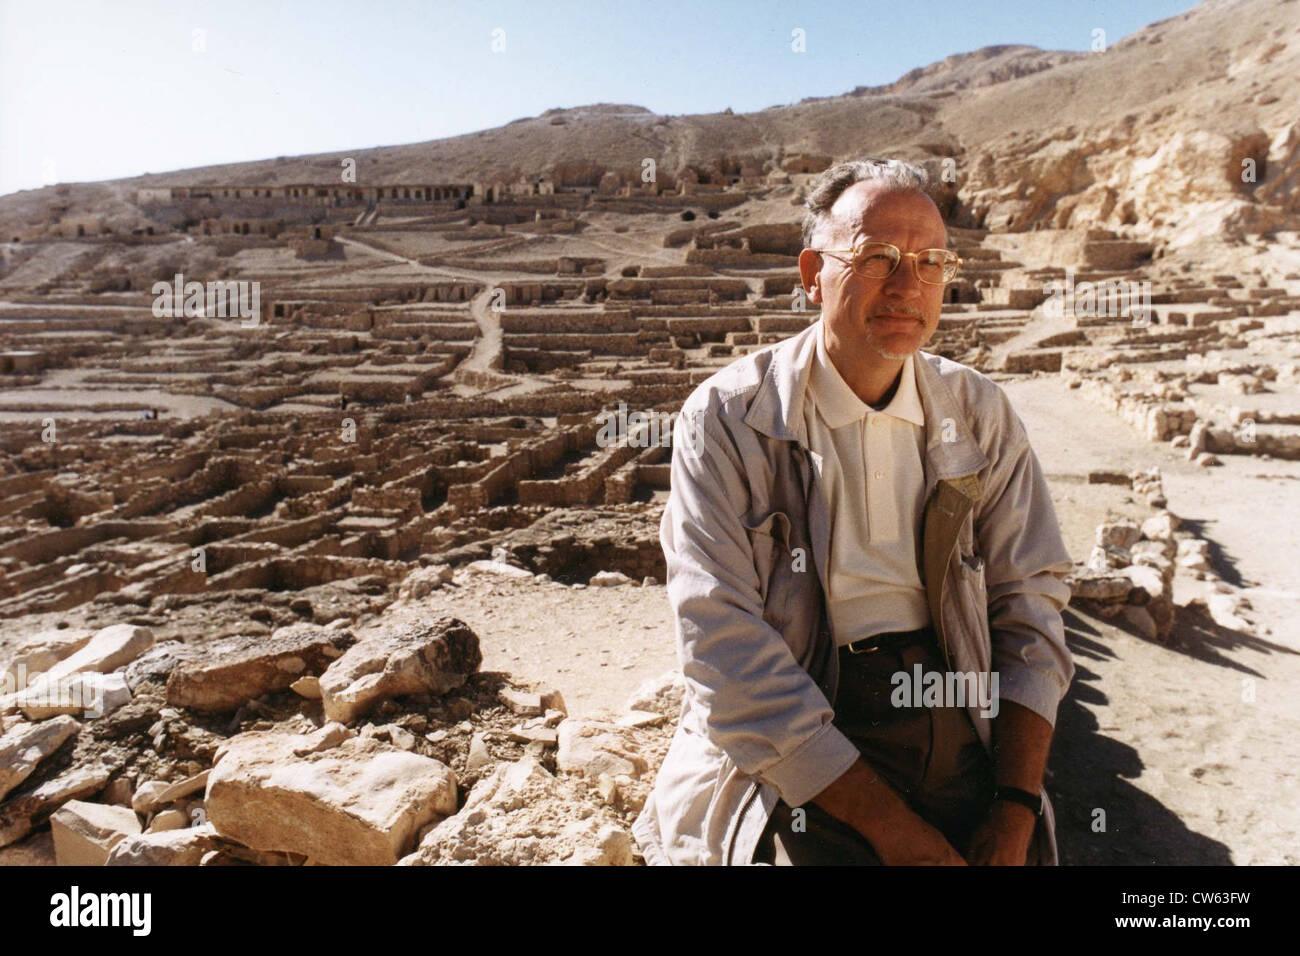 Christian Jacq on Dayr al Madinah site - Stock Image